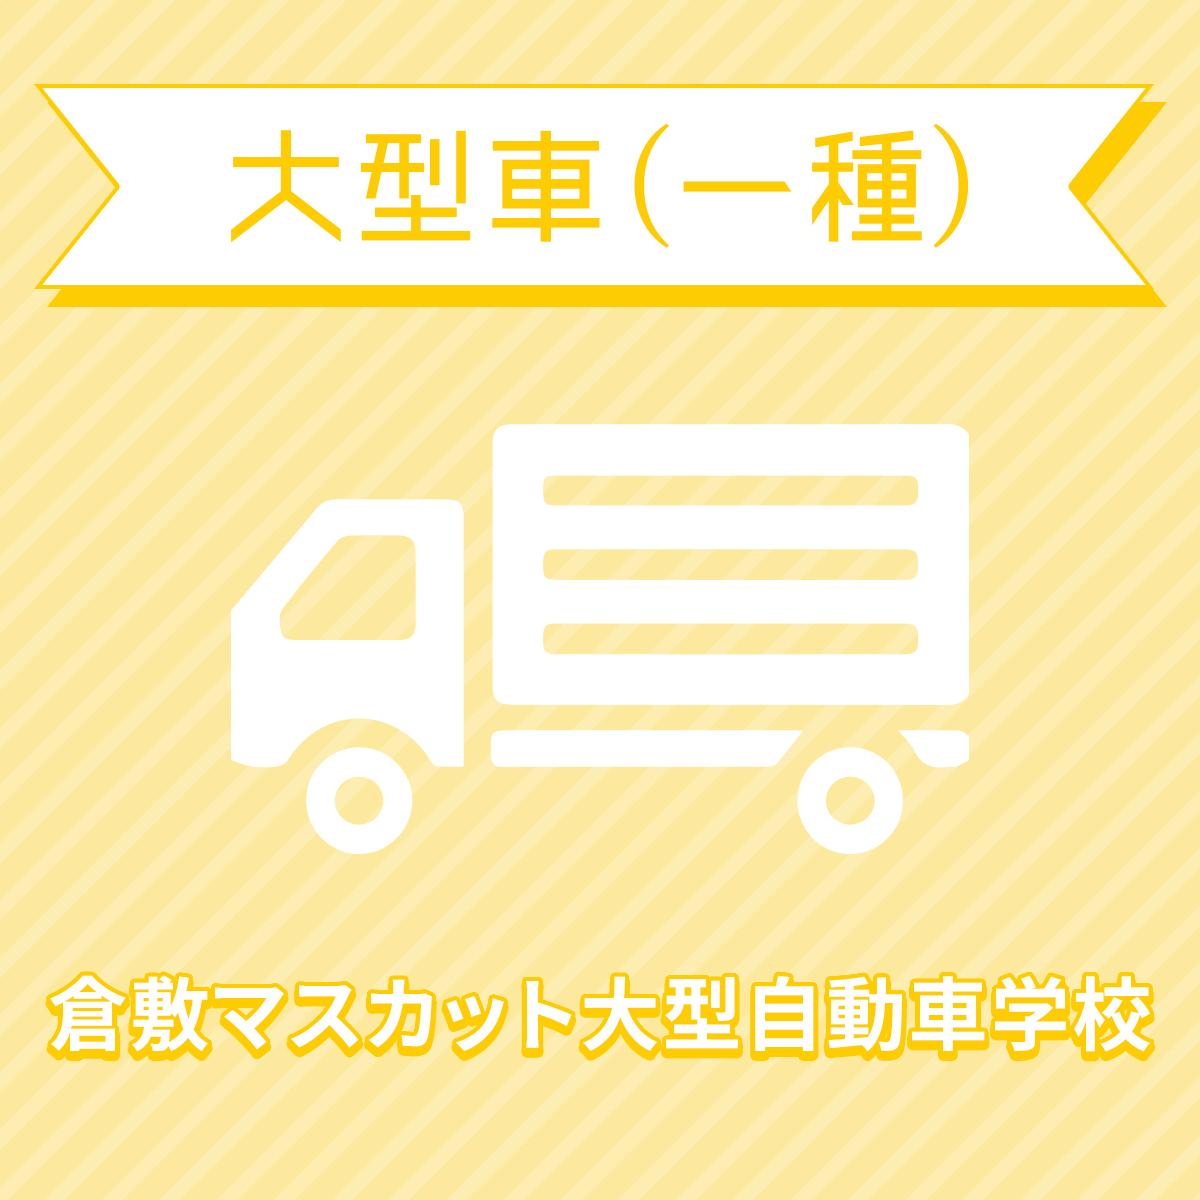 【岡山県倉敷市】大型一種コース<中型一種8t限定MT免許所持対象>